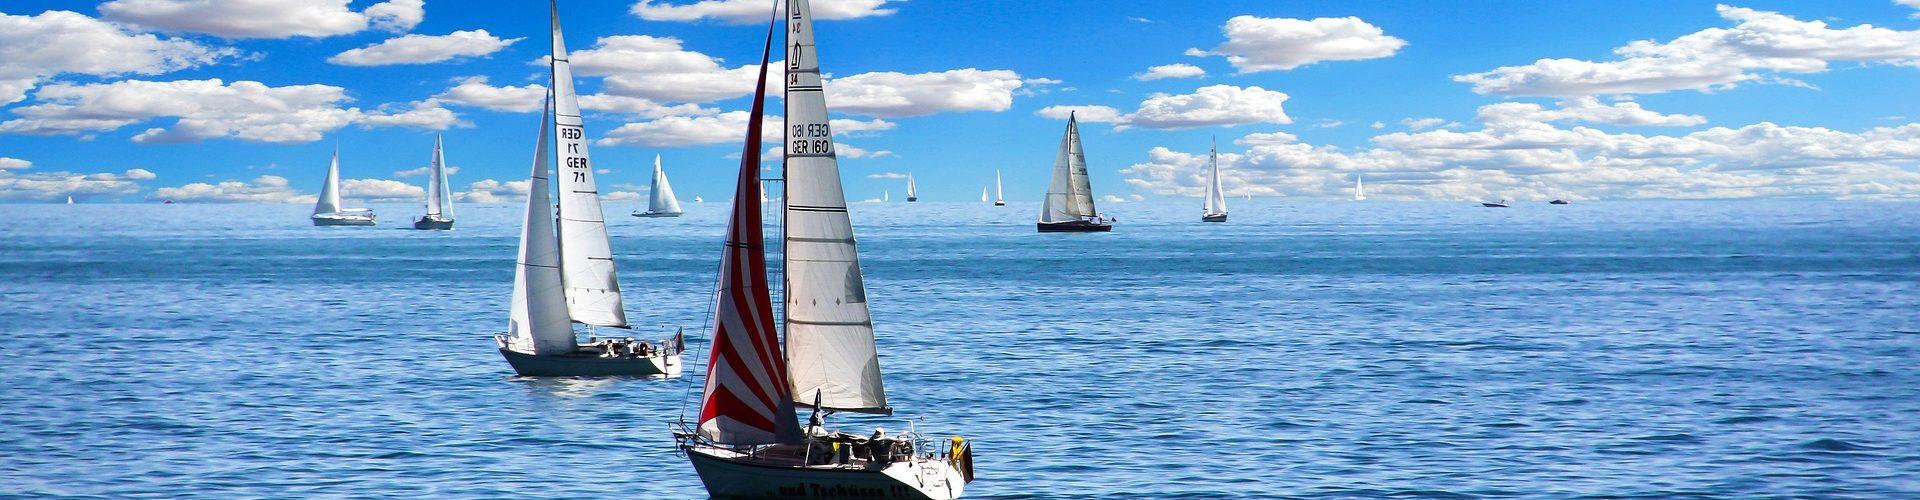 segeln lernen in Selent segelschein machen in Selent 1920x500 - Segeln lernen in Selent